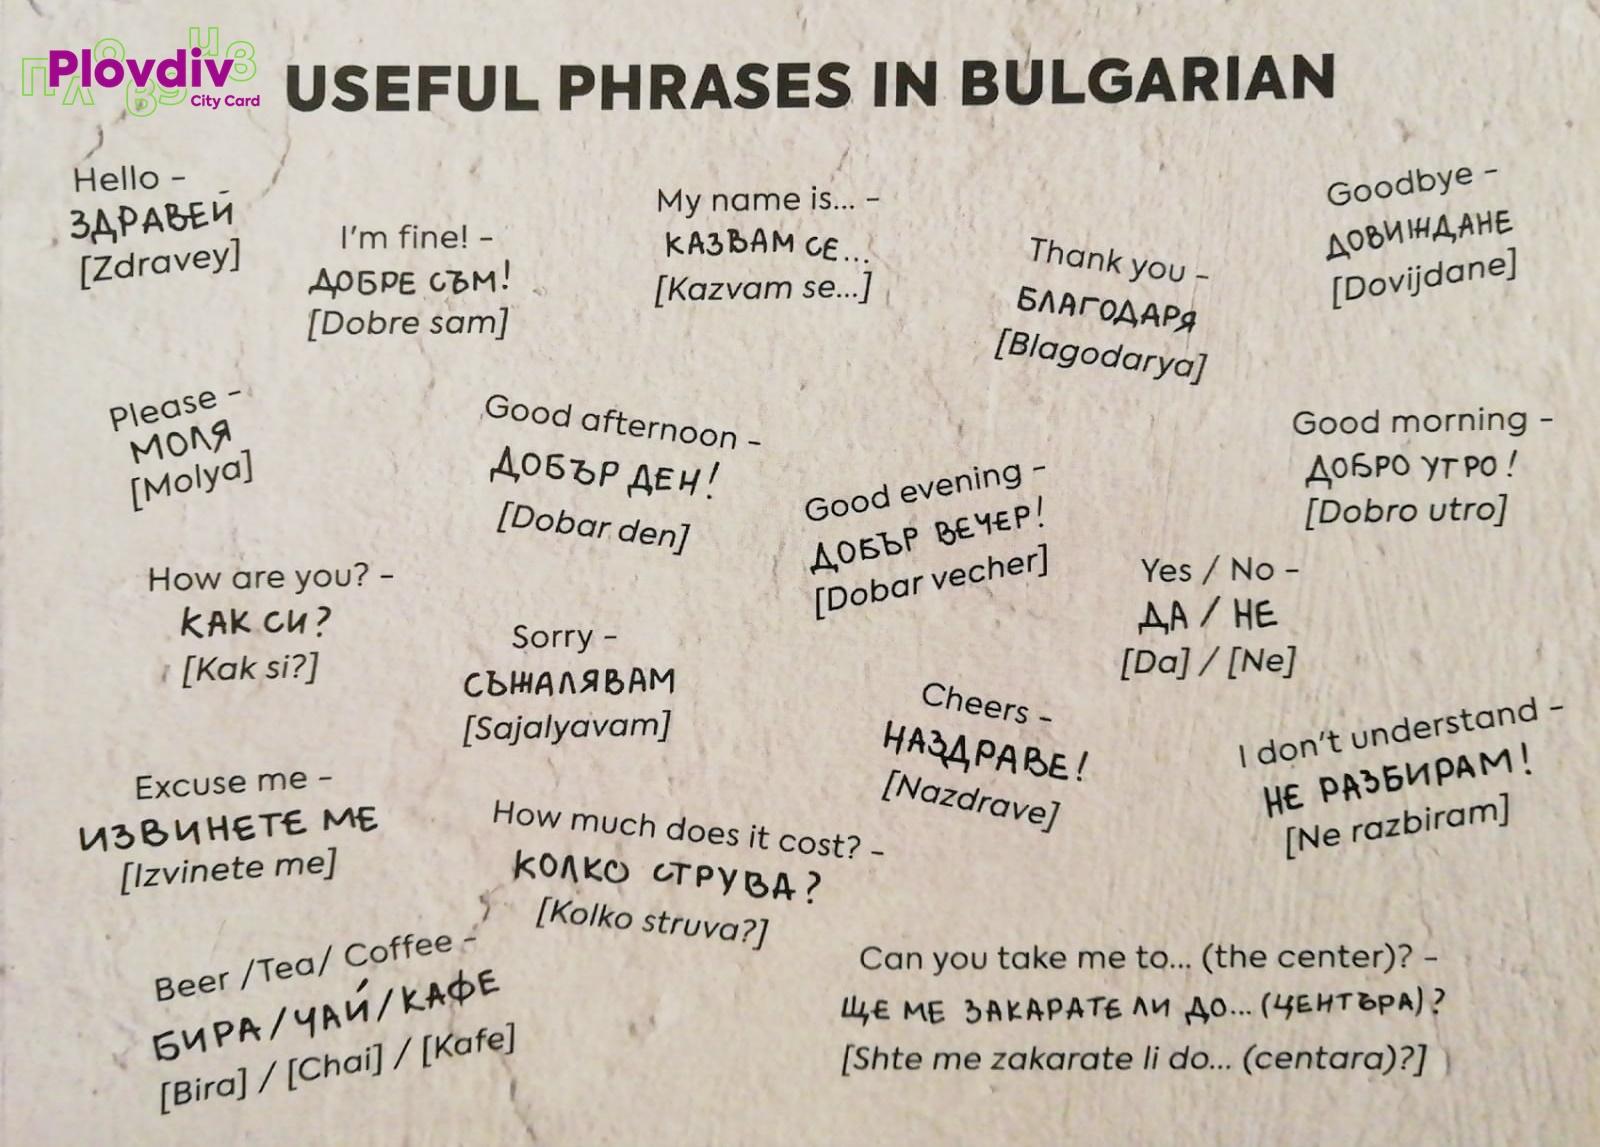 useful phrases in bulgarian